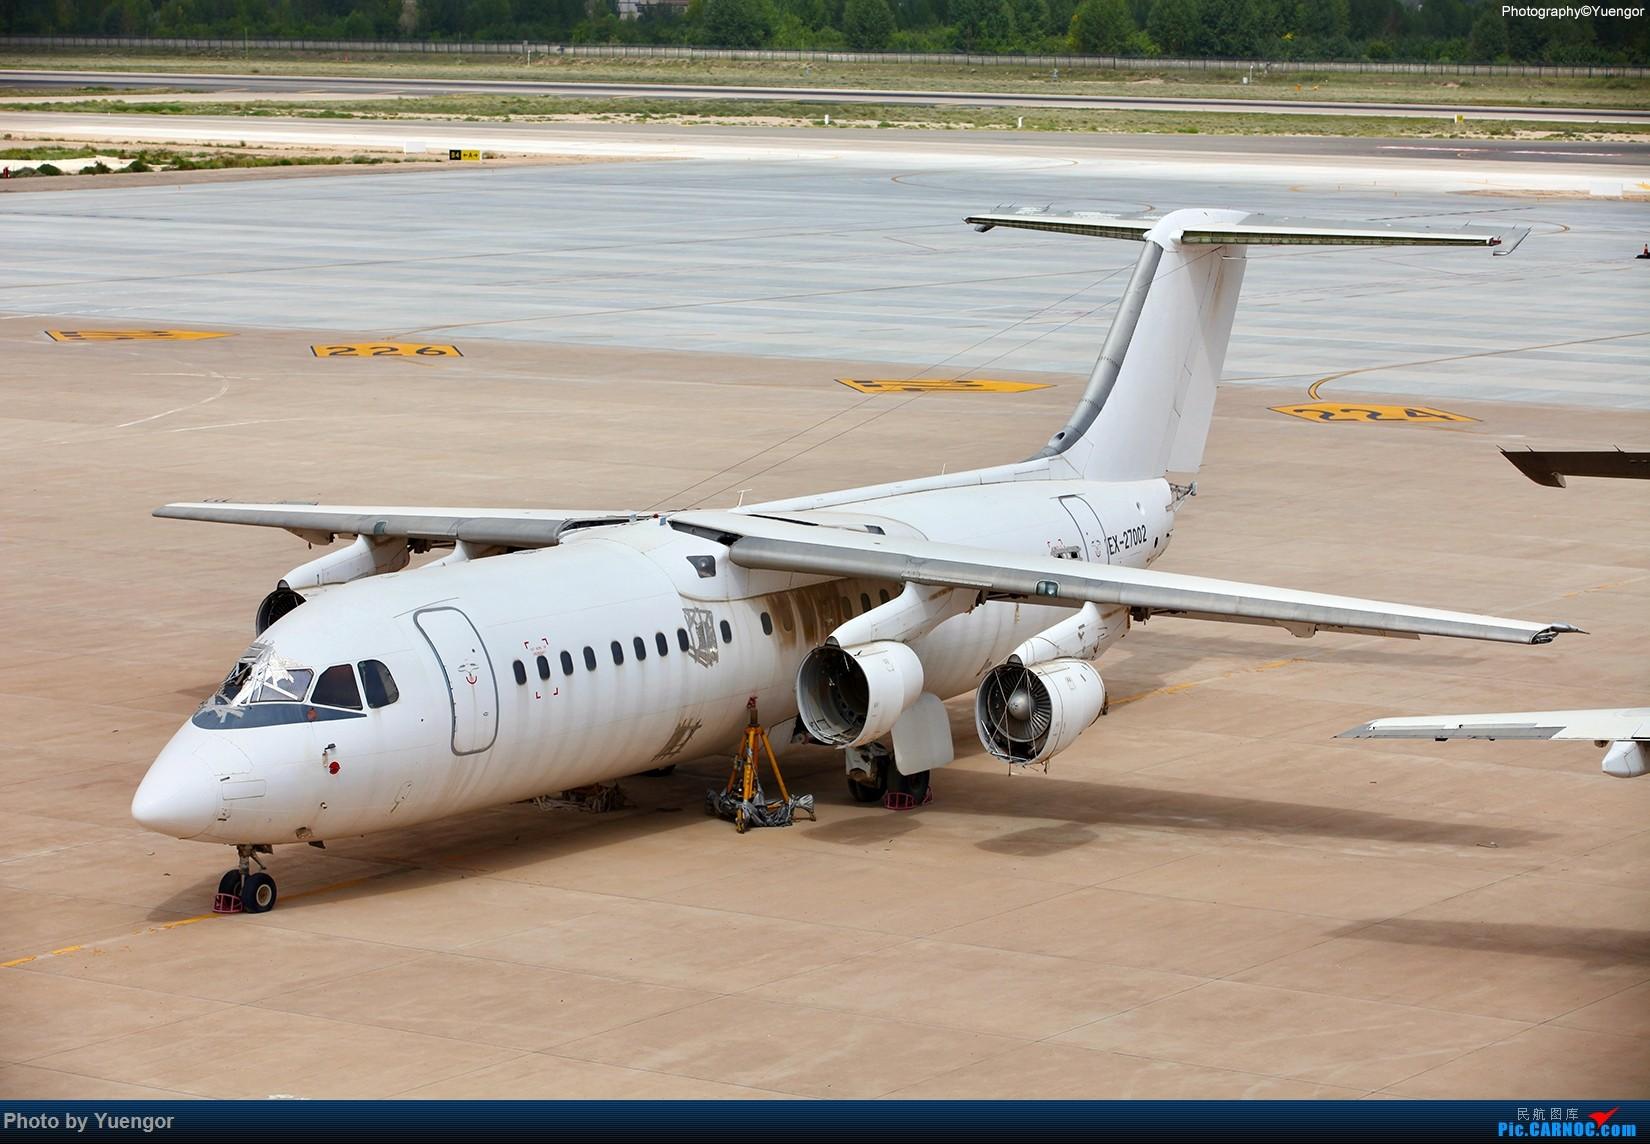 Re:【兰州飞友会】2016LHW本场拍机 原谅发图晚 BRITISH AEROSPACE BAE-146 EX-27002 中国兰州中川国际机场